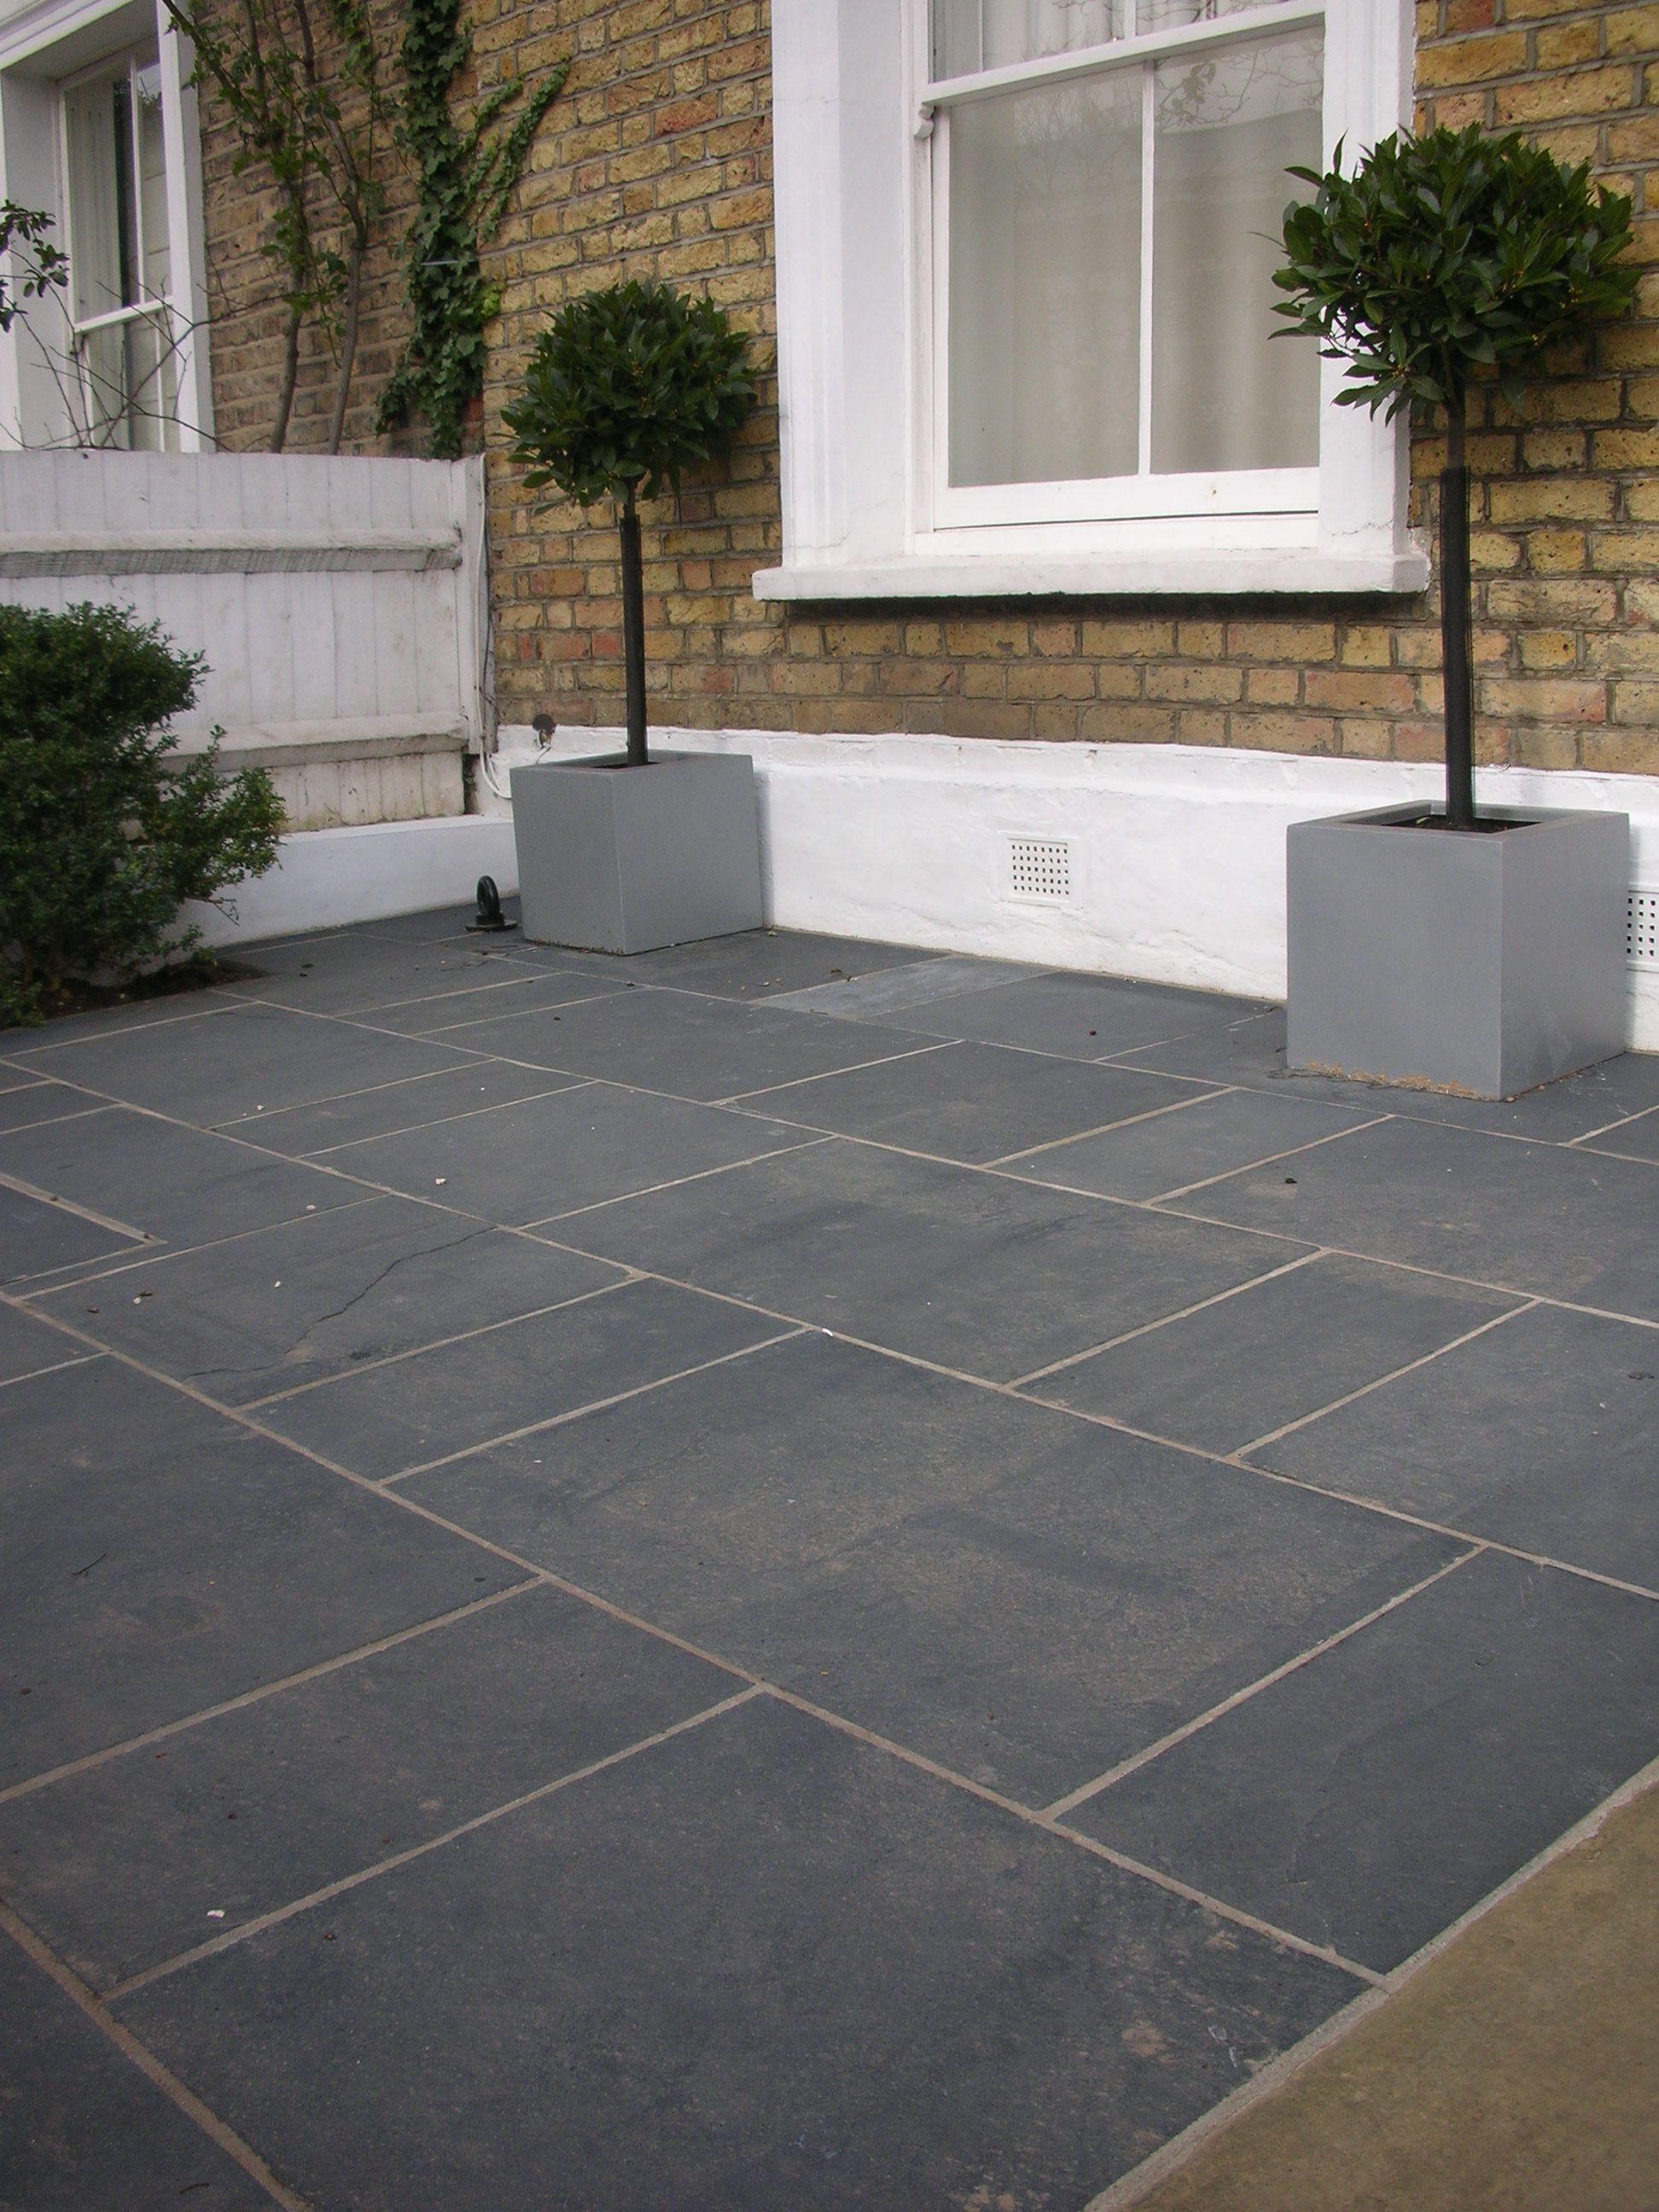 Garden Paving Designs - Gardening Design | The Great ...